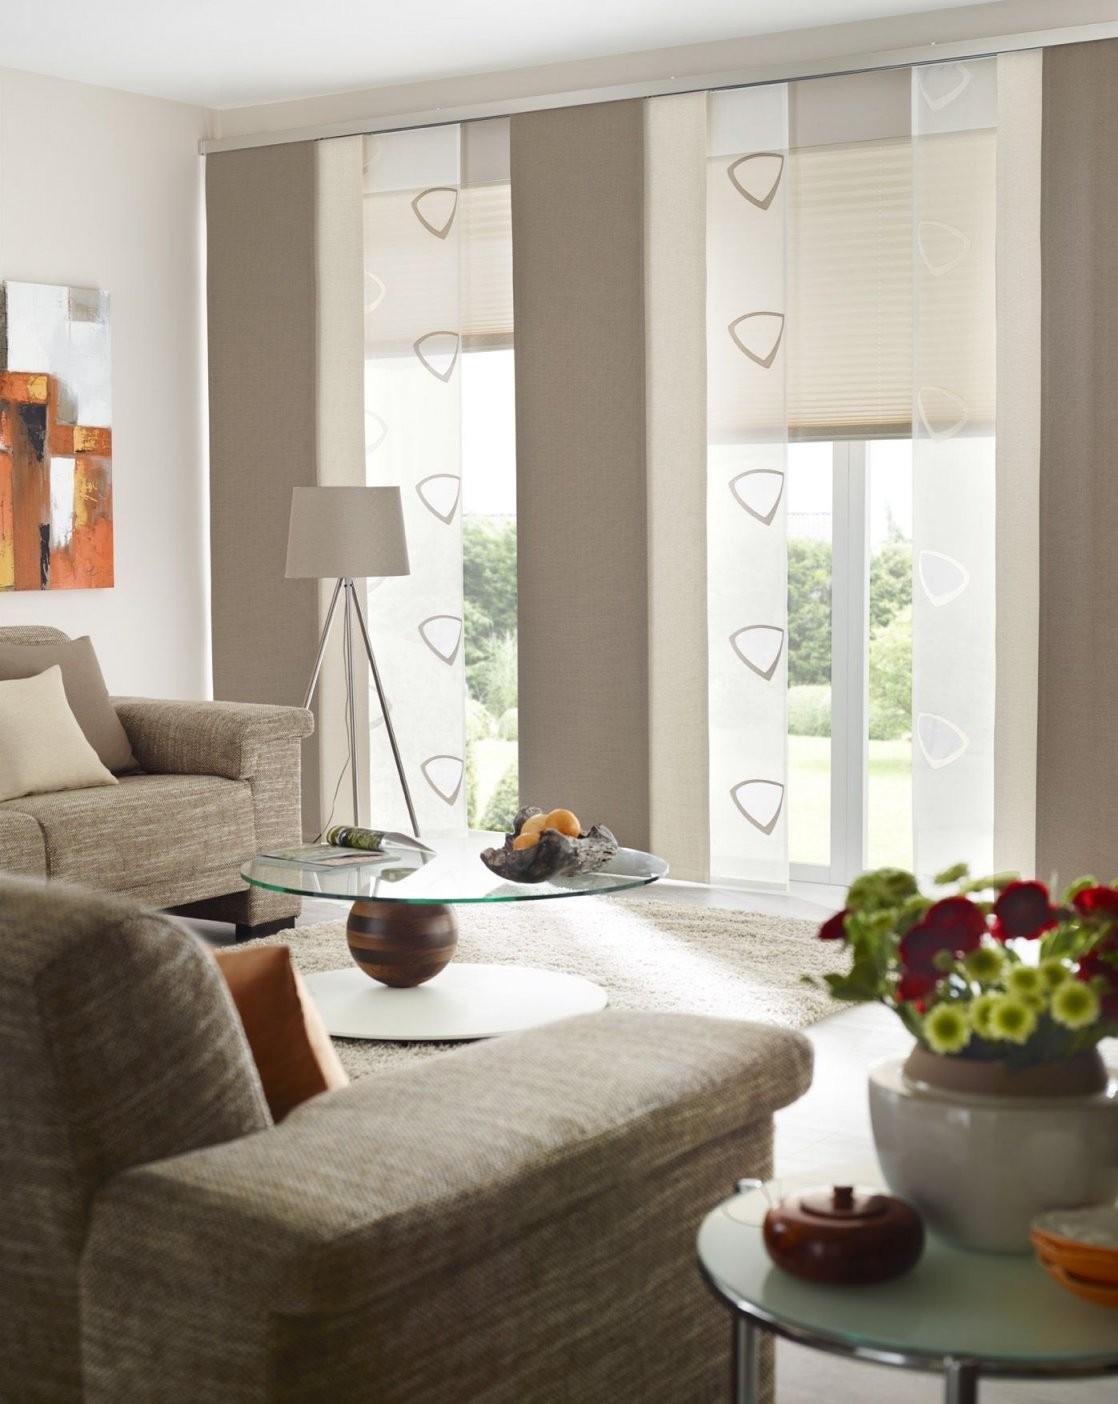 Fenster Urbansteel Gardinen Dekostoffe Vorhang Wohnstoffe von Fenstergestaltung Mit Gardinen Beispiele Photo